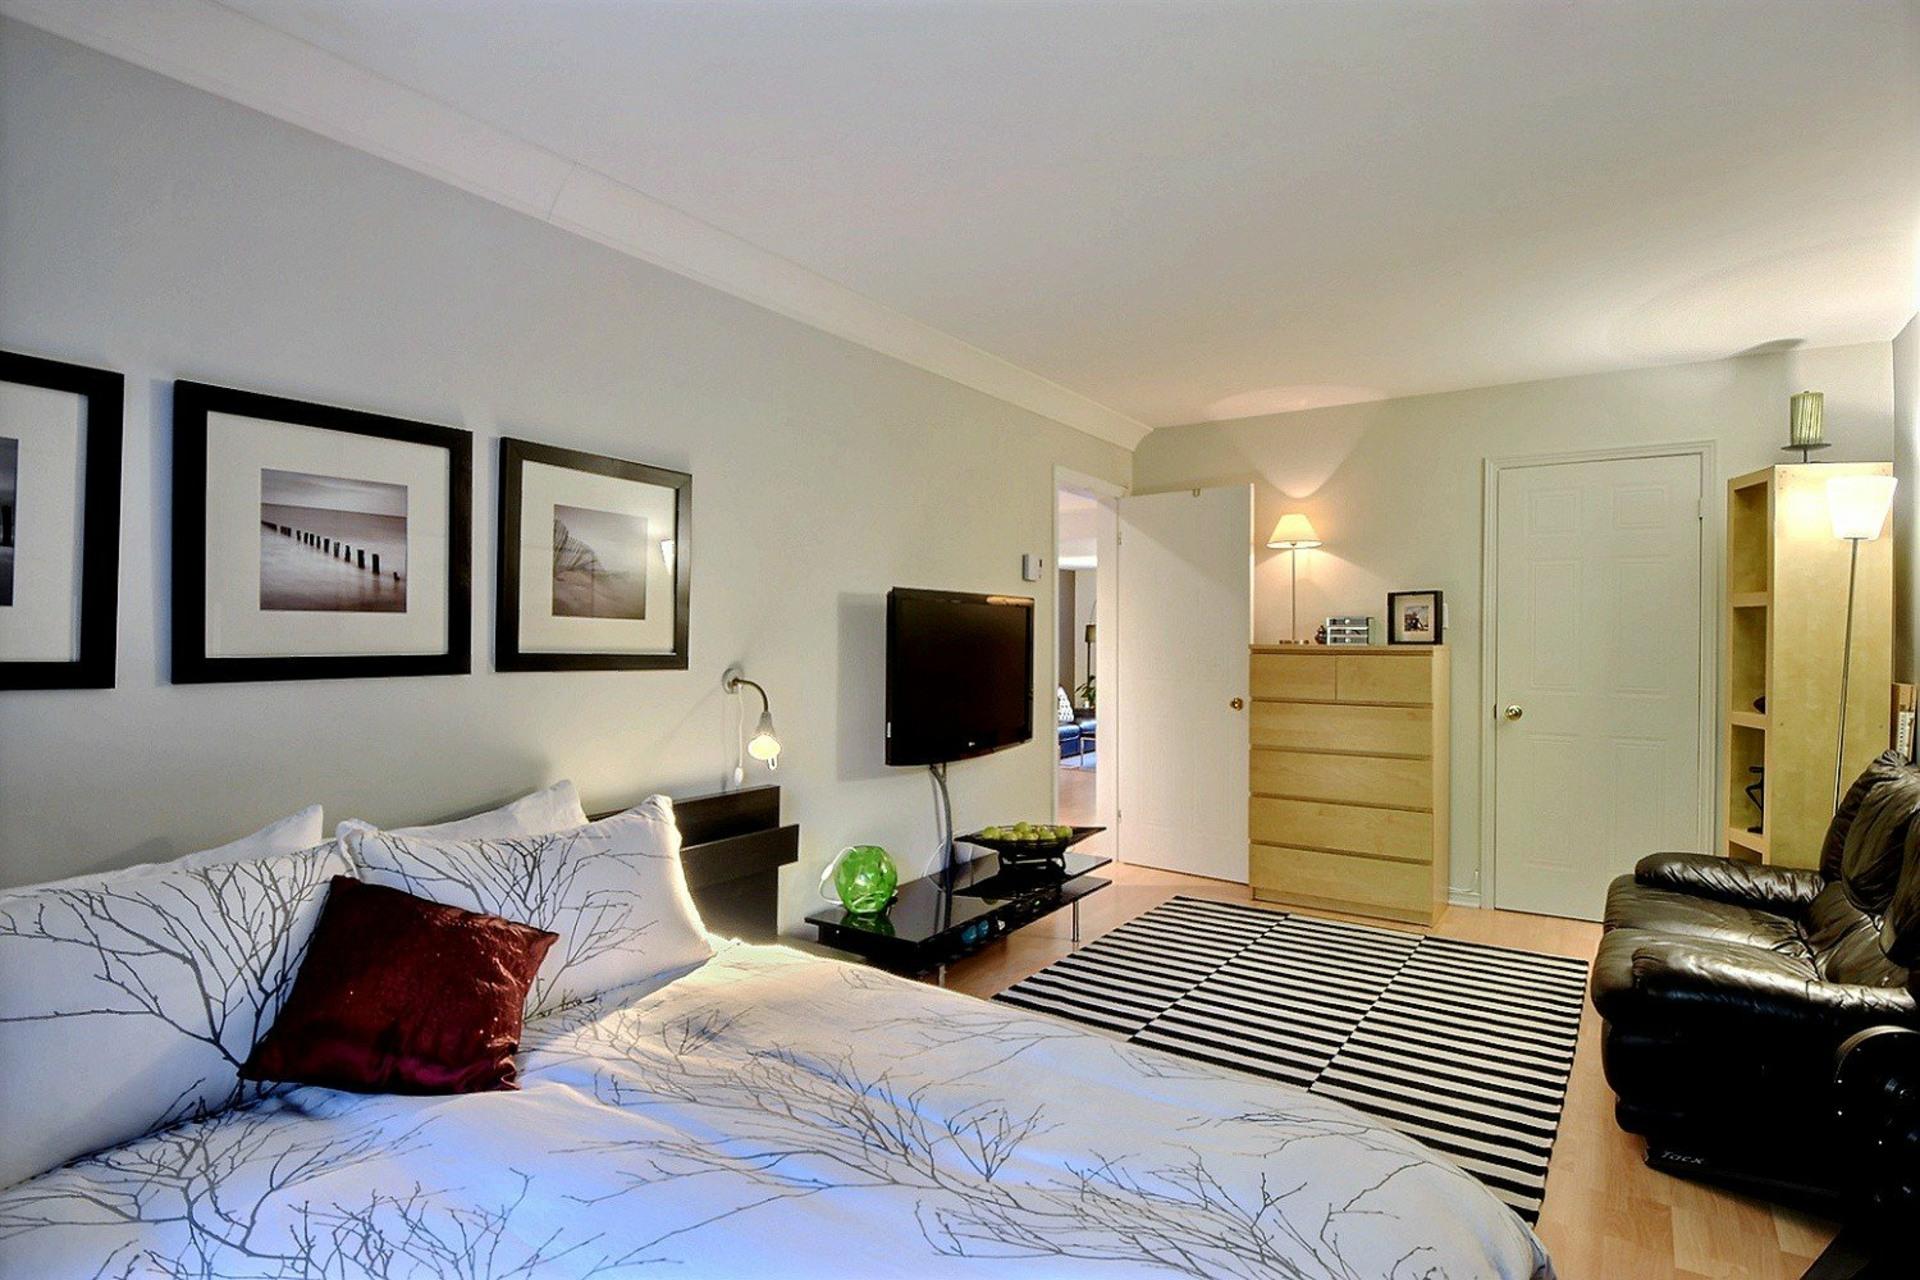 image 11 - Apartment For rent Montréal Le Sud-Ouest  - 5 rooms